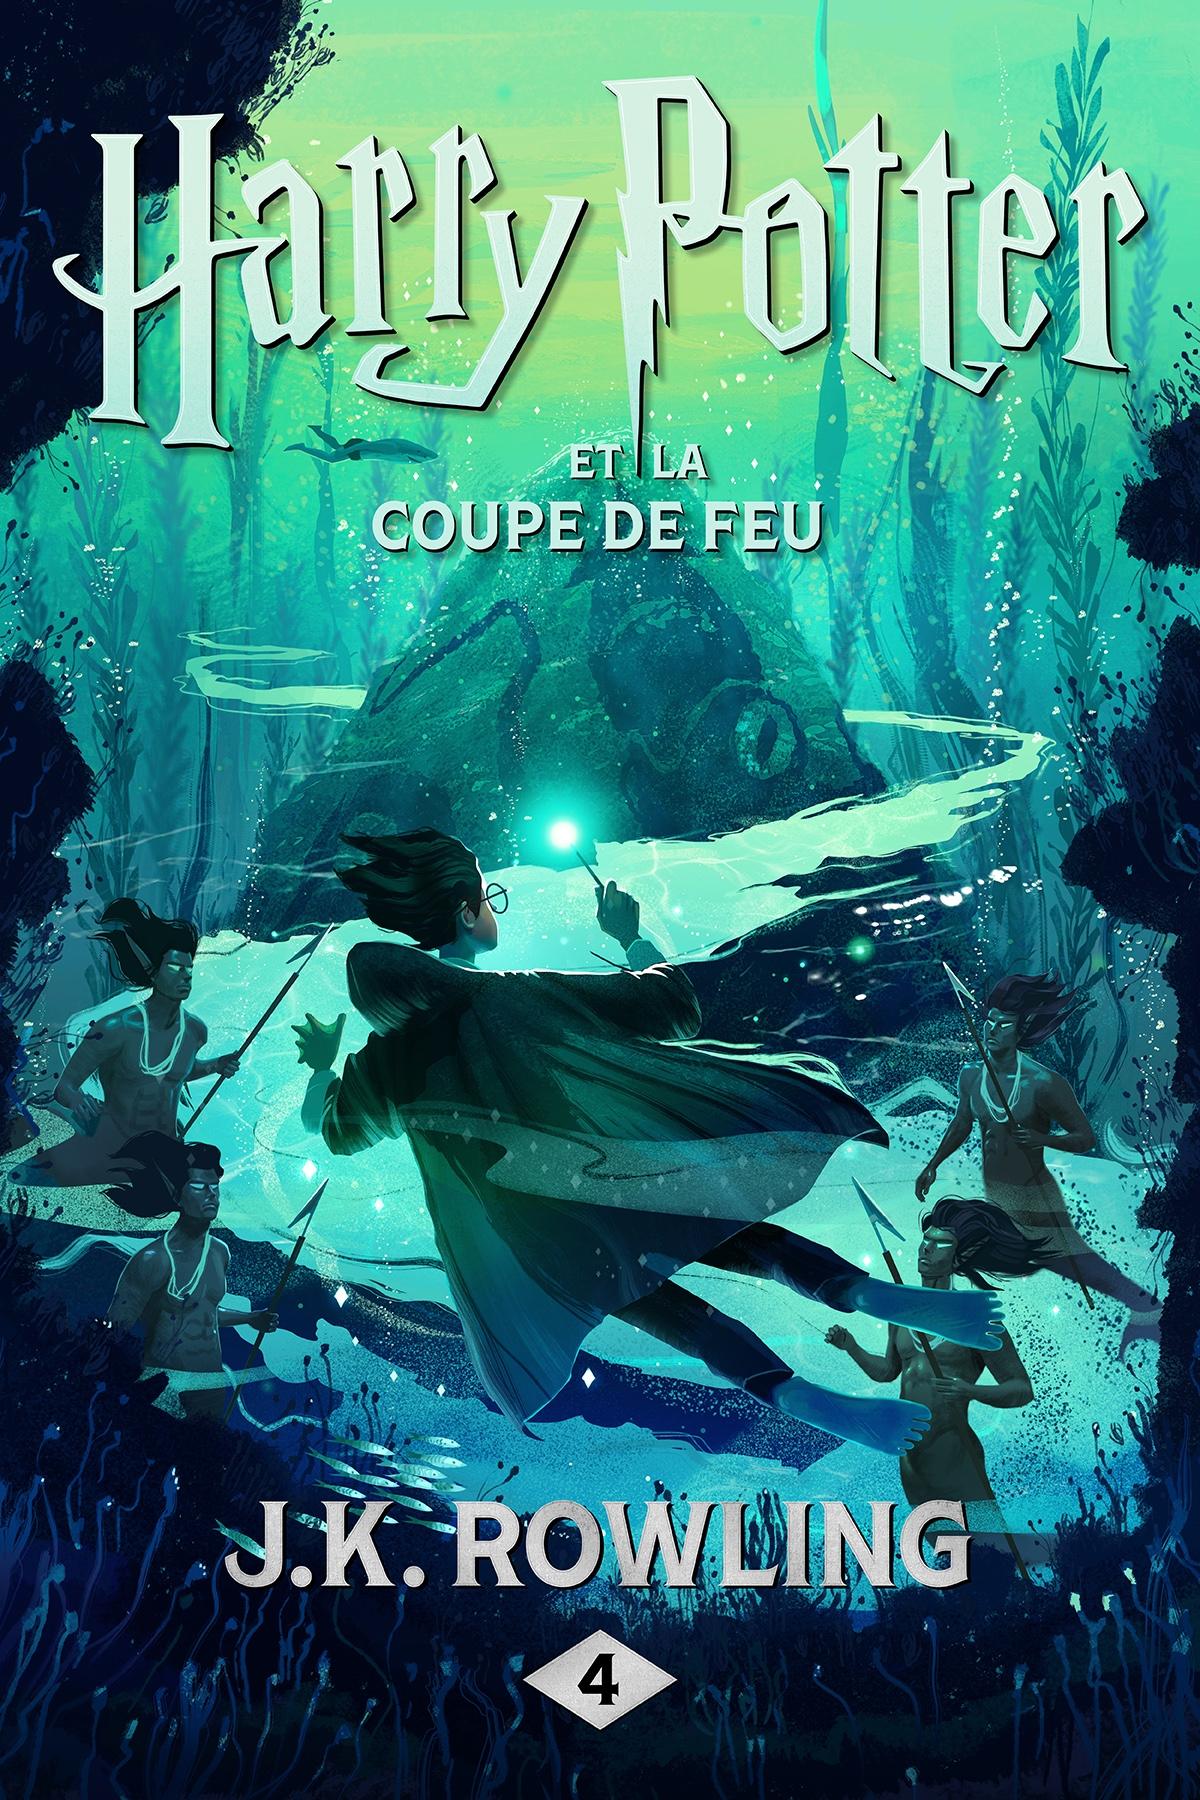 Couverture : Harry Potter T.4 : Harry Potter et la Coupe de feu J.k. Rowling